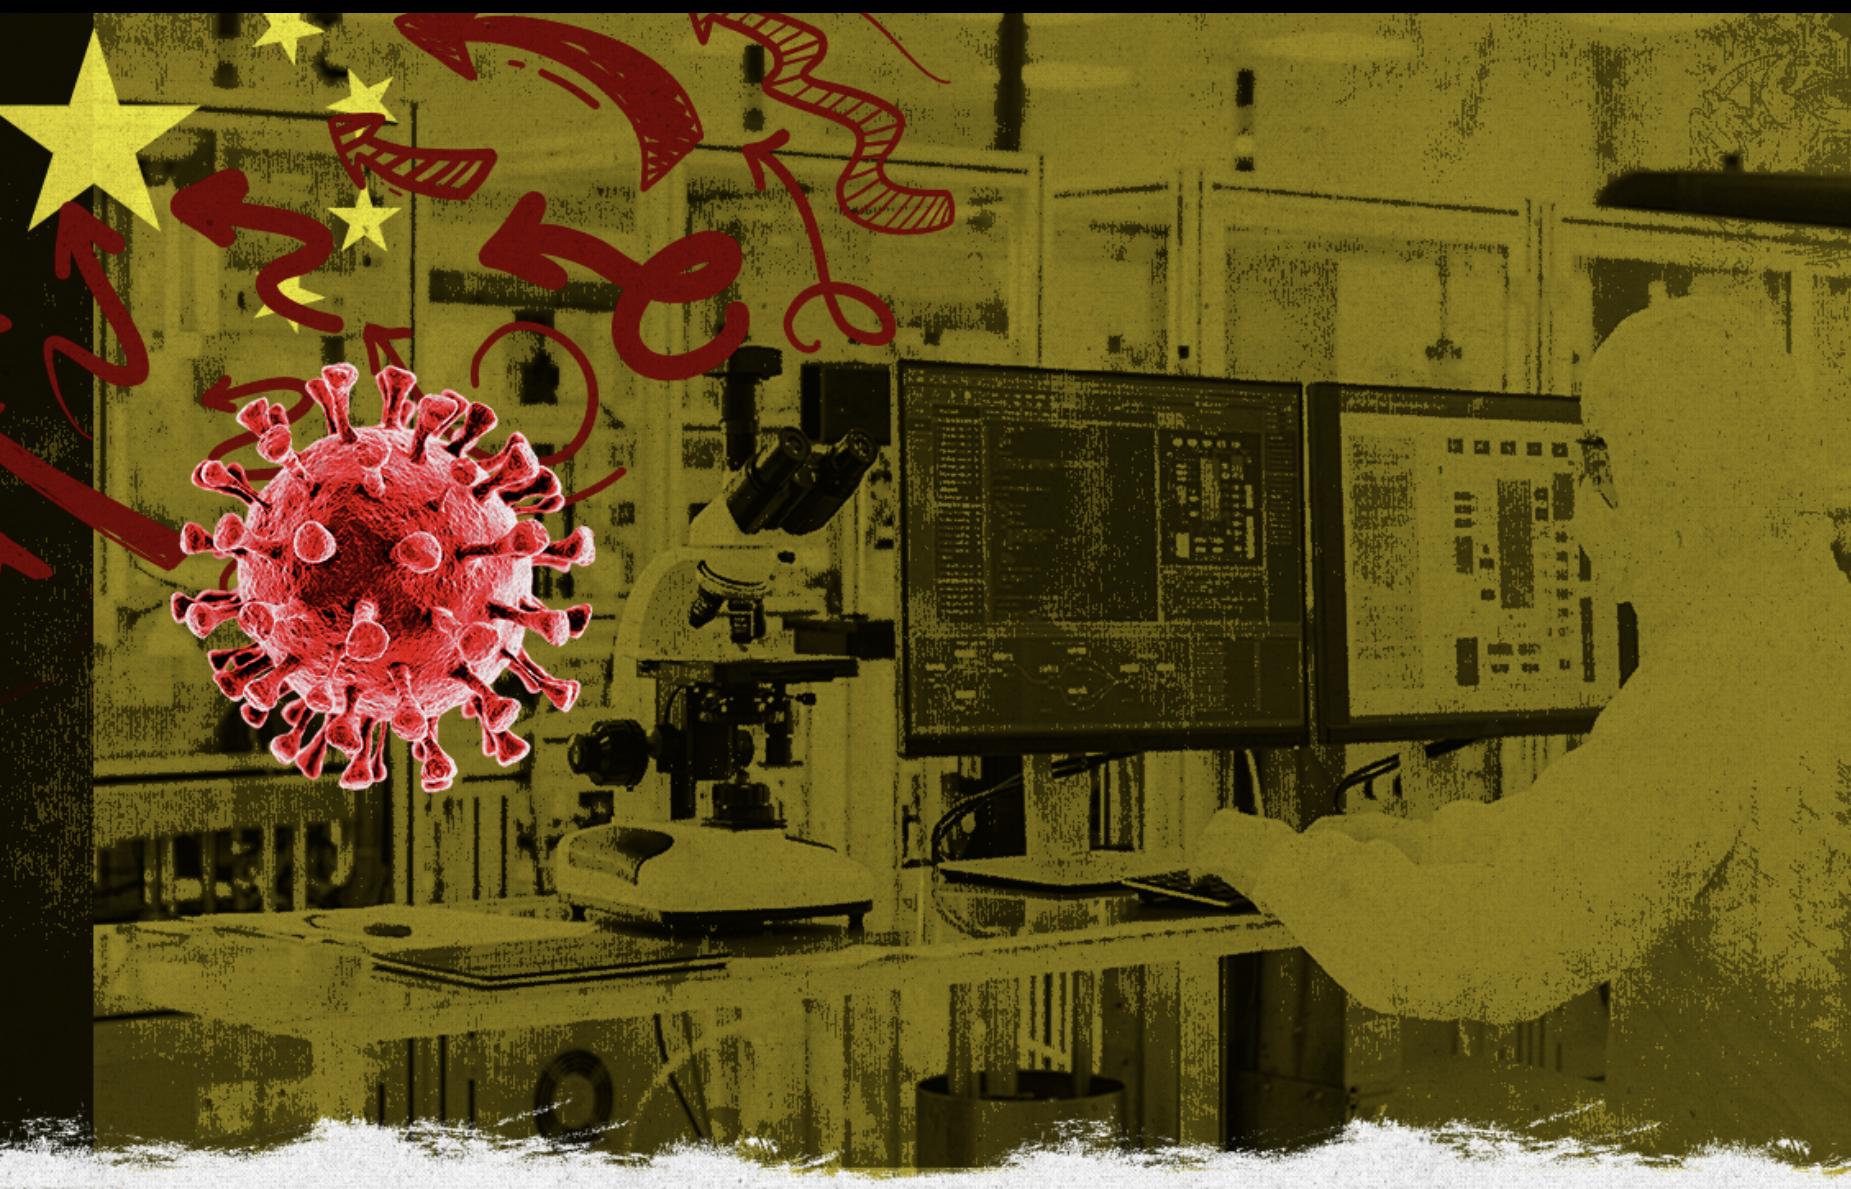 Αν ο ιός ξέφυγε από εργαστήριο…